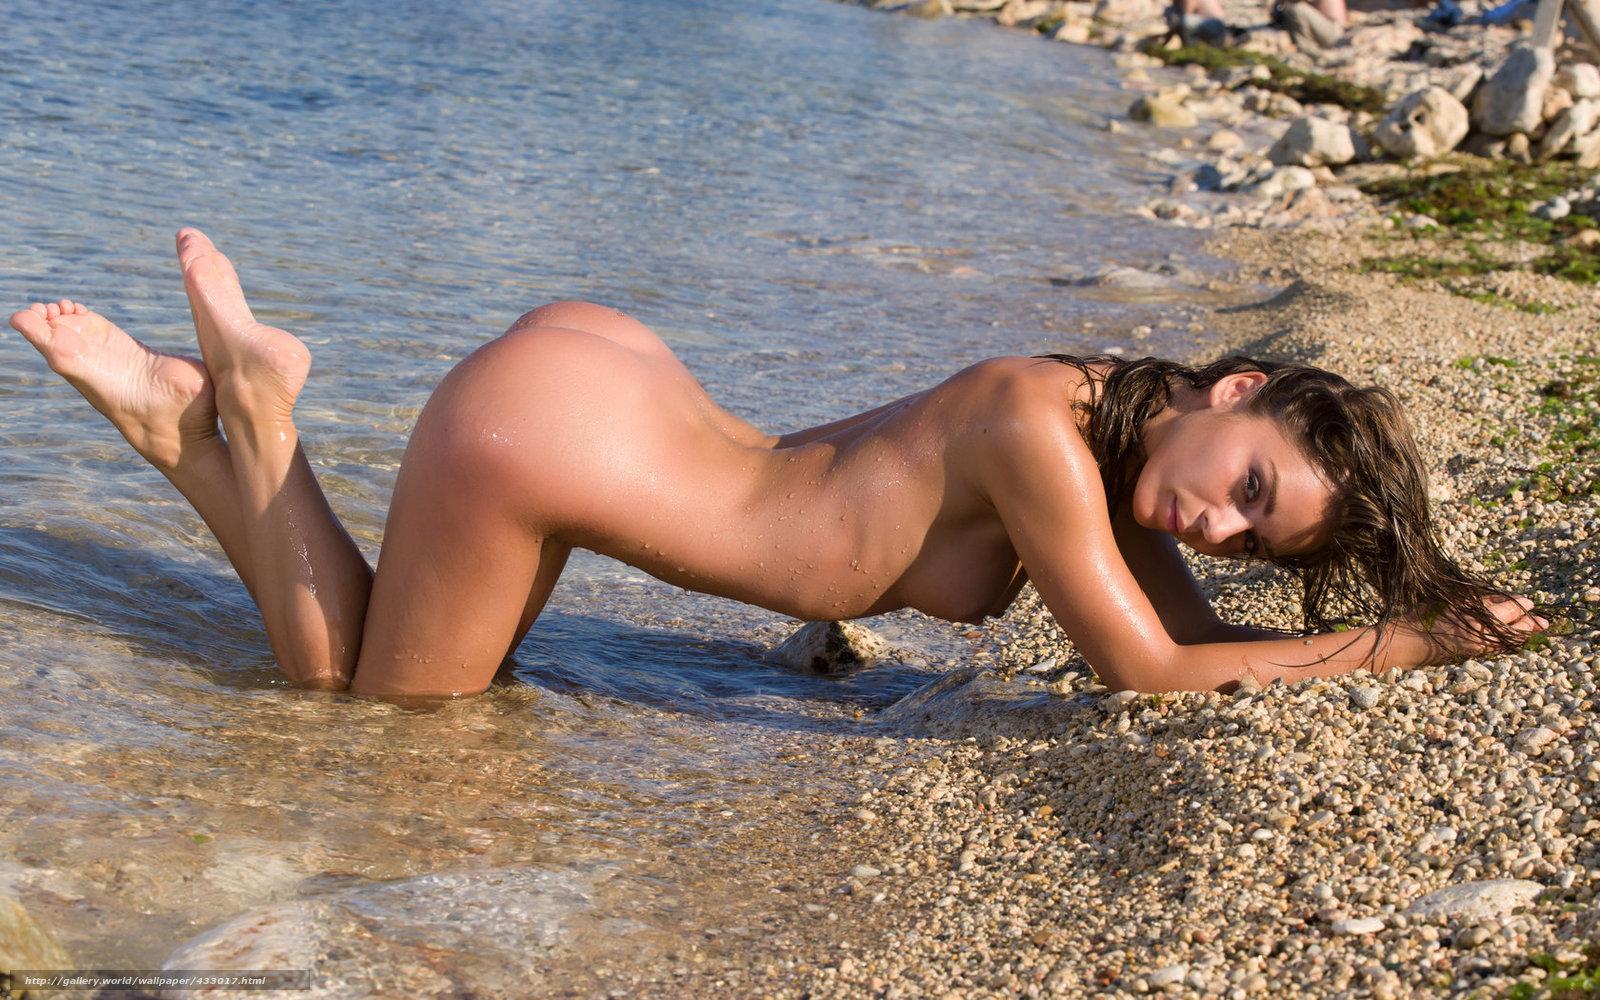 Извиняюсь, эротические фото на море случайно Москвы?